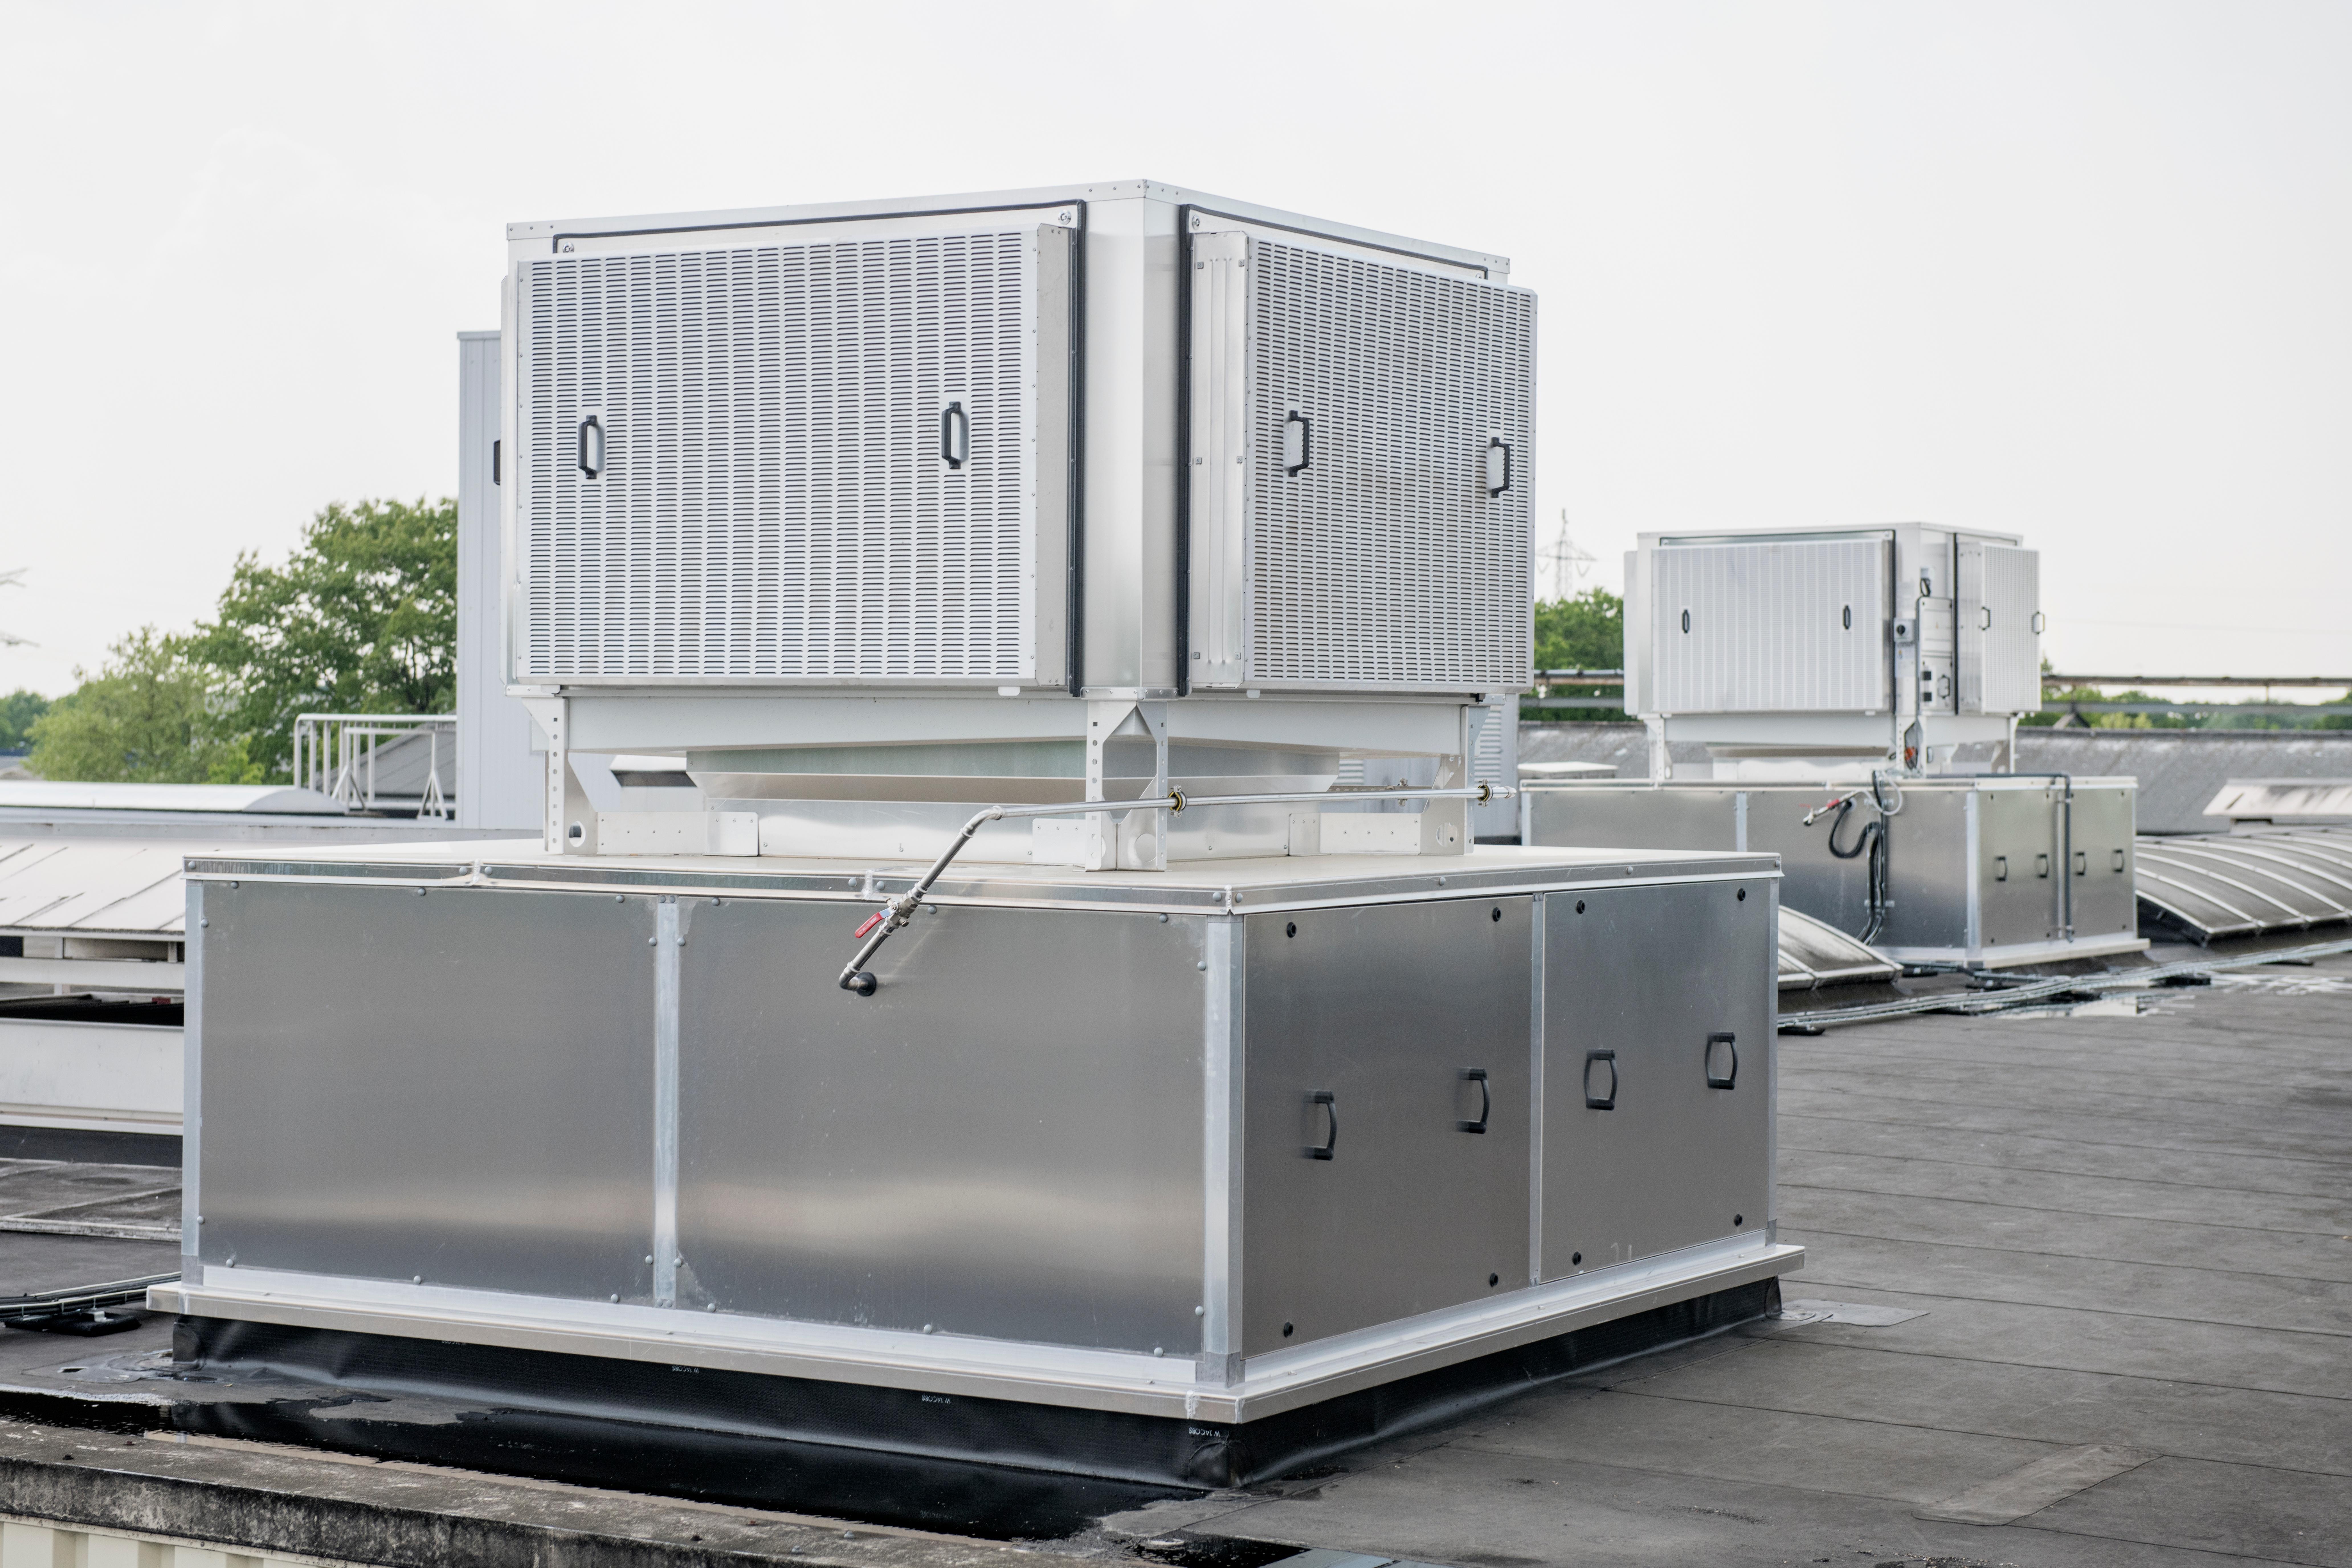 Colt energieprestatie fabriek productiehal manieren adiabatische koeling